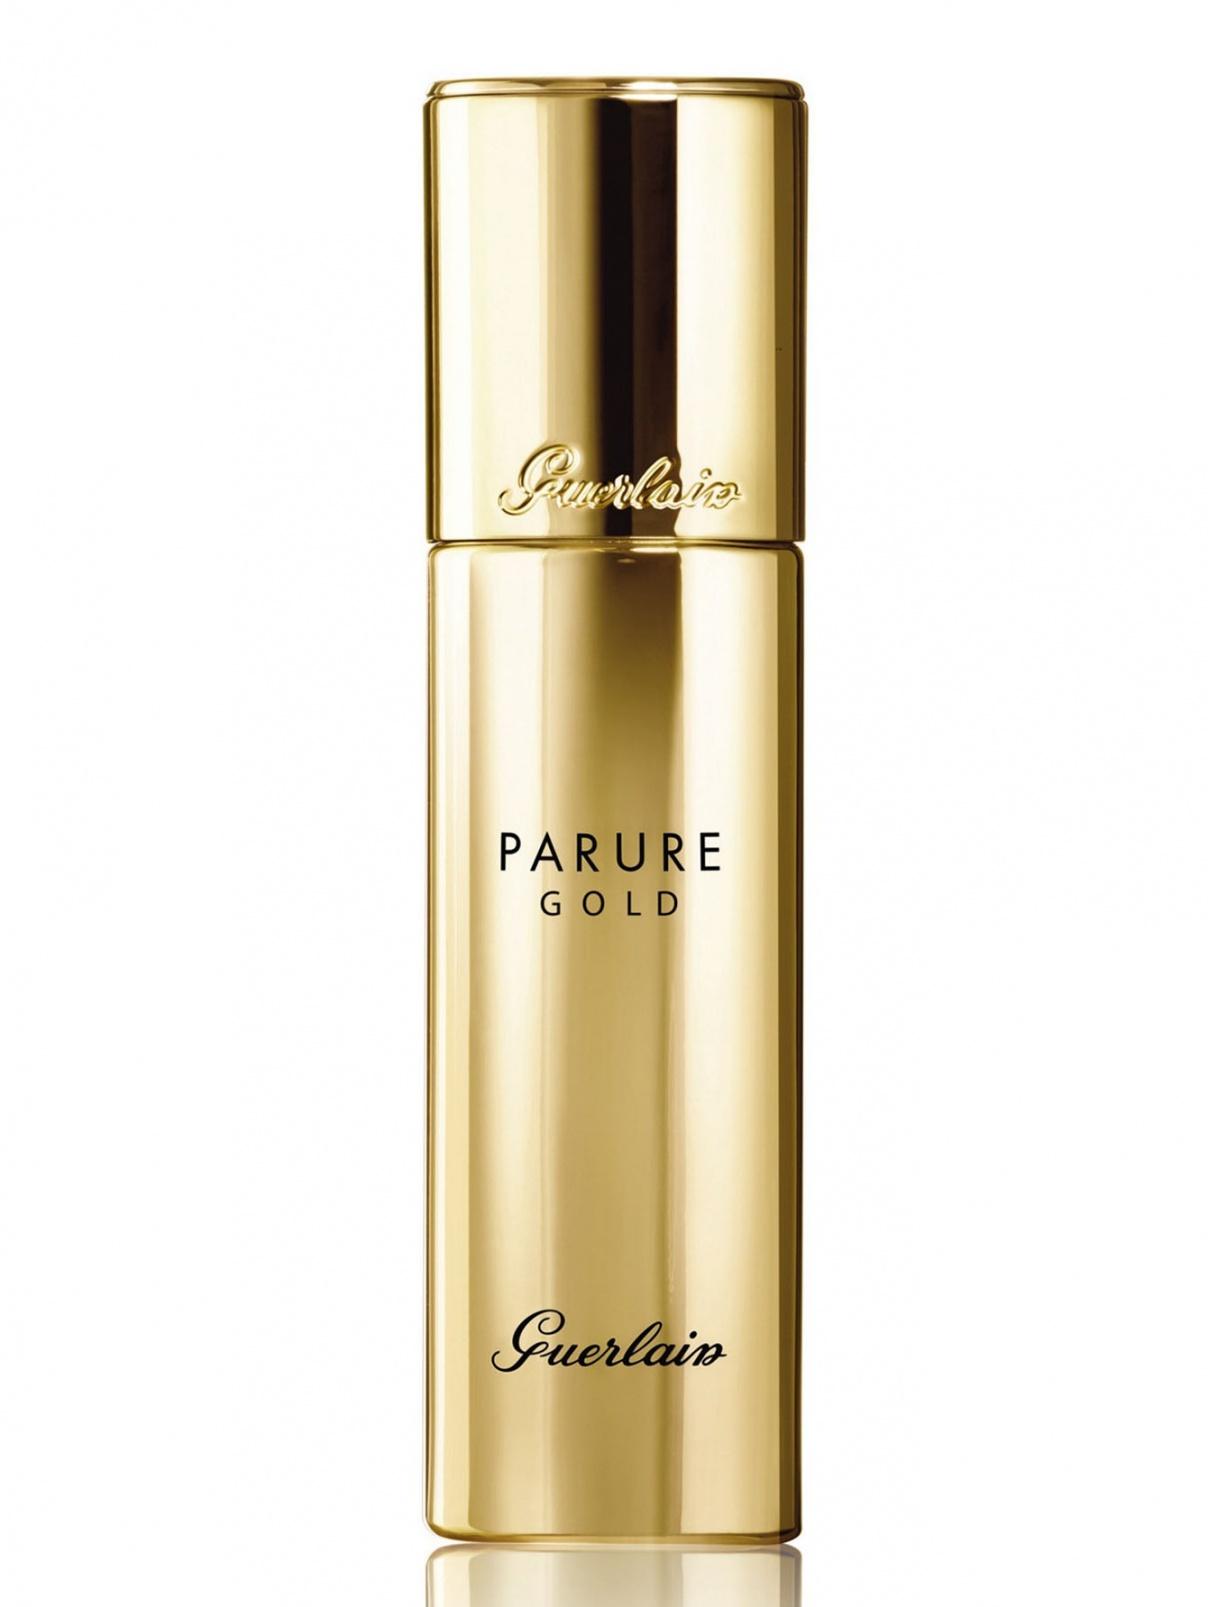 Стойкое тональное средство с омолаживающим эффектом PARURE GOLD SPF30-PA+++, 00 Фарфор, 30 мл Guerlain  –  Общий вид